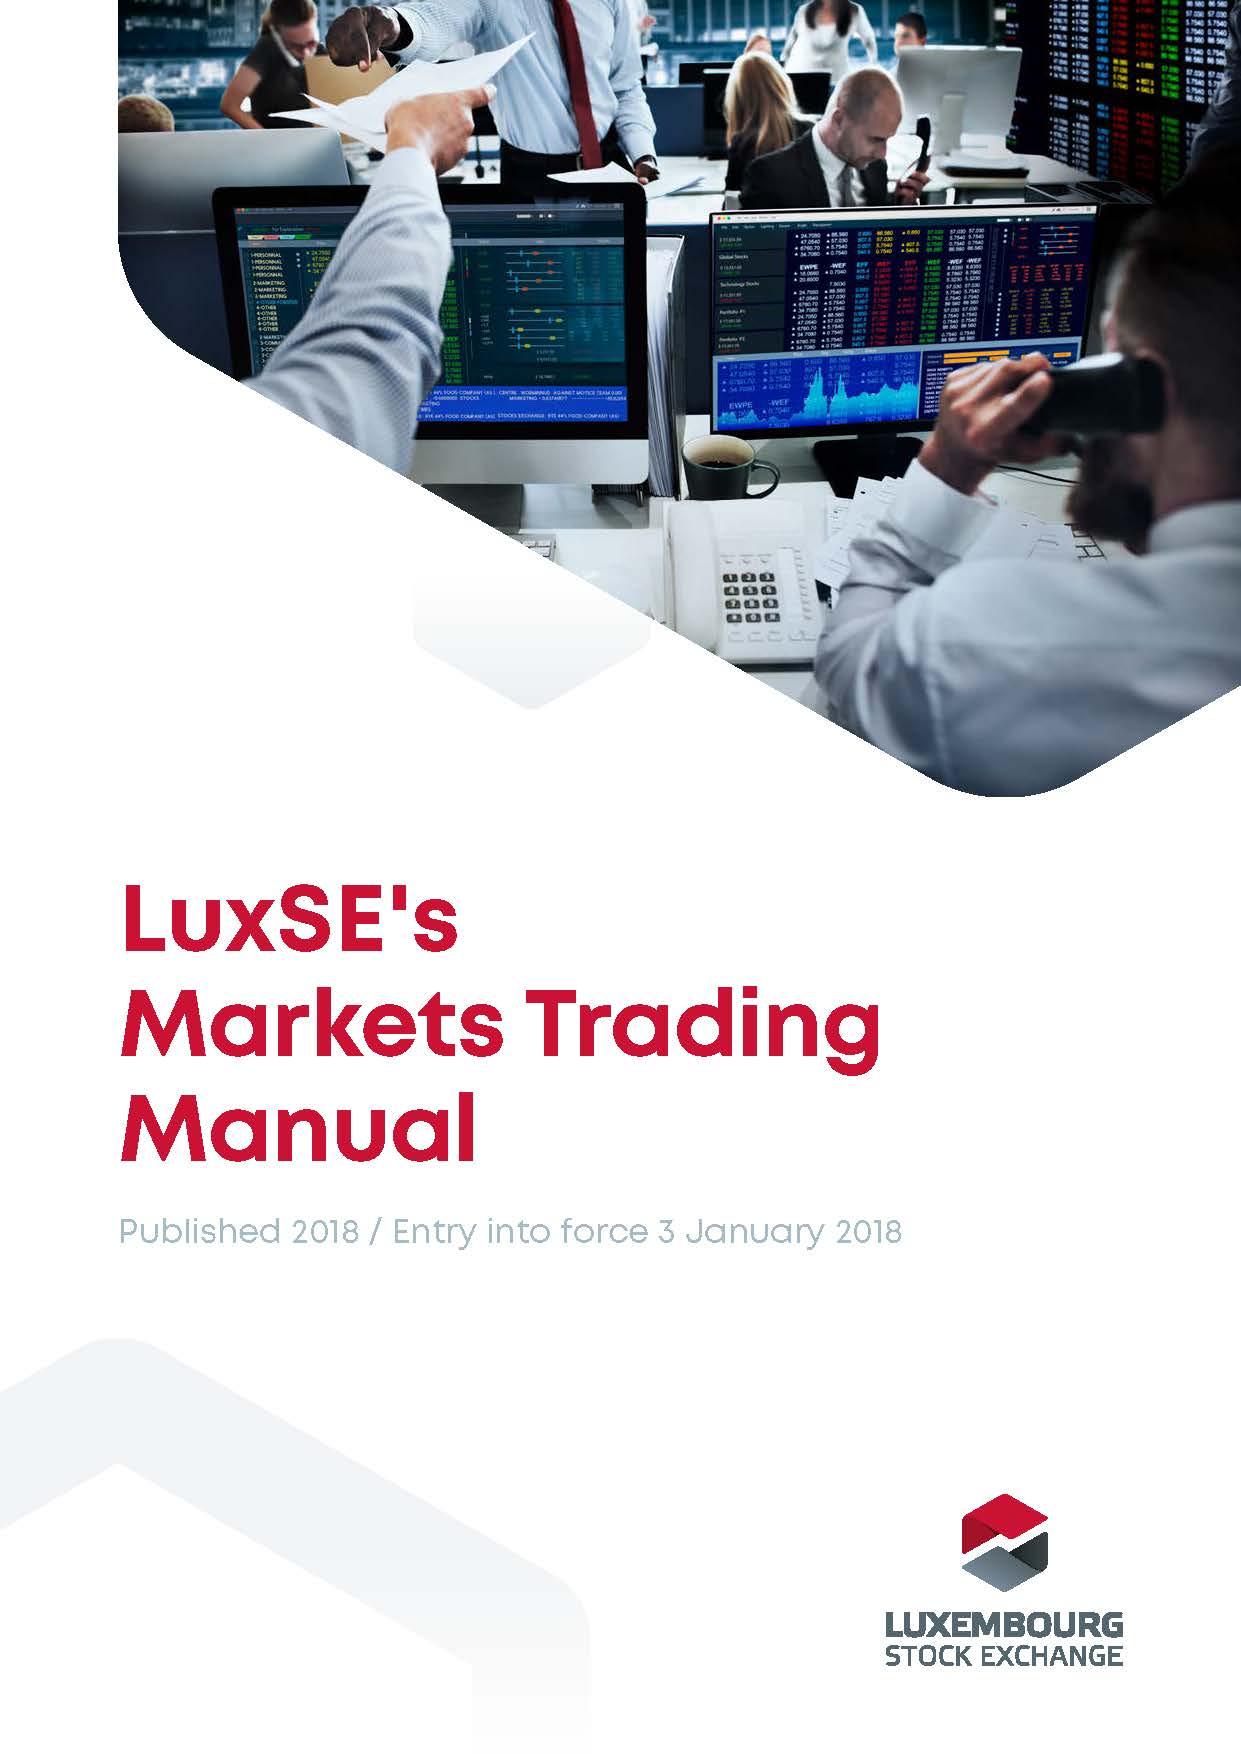 legislation-TRADING-trading_manual_2018.jpg